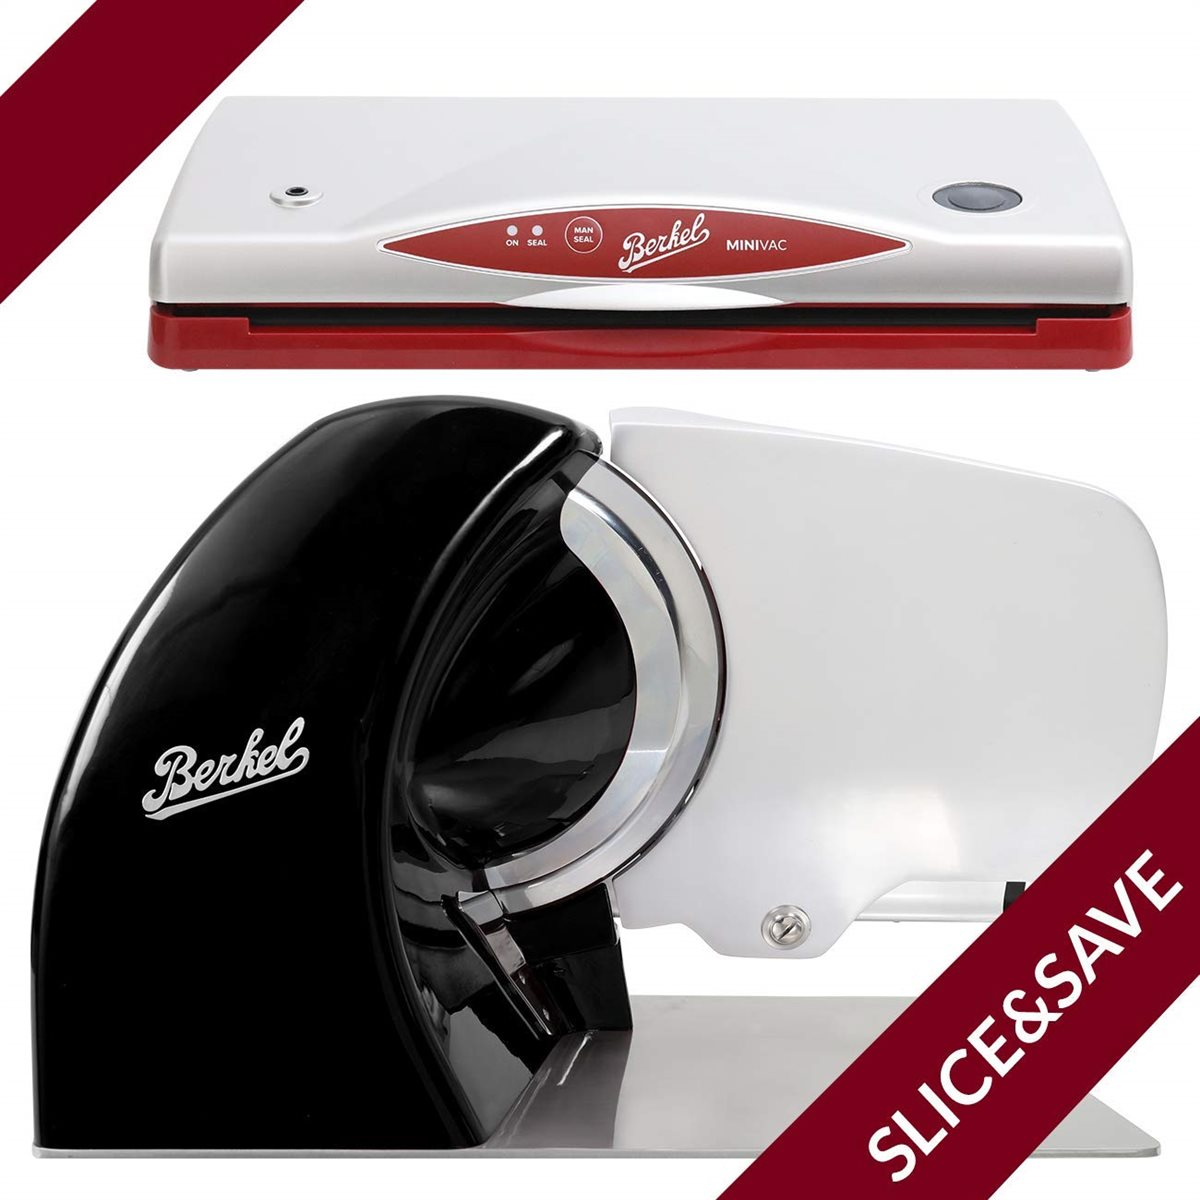 Allesschneider Home line 250 + Minivac - The Berkel System (Schwarz)